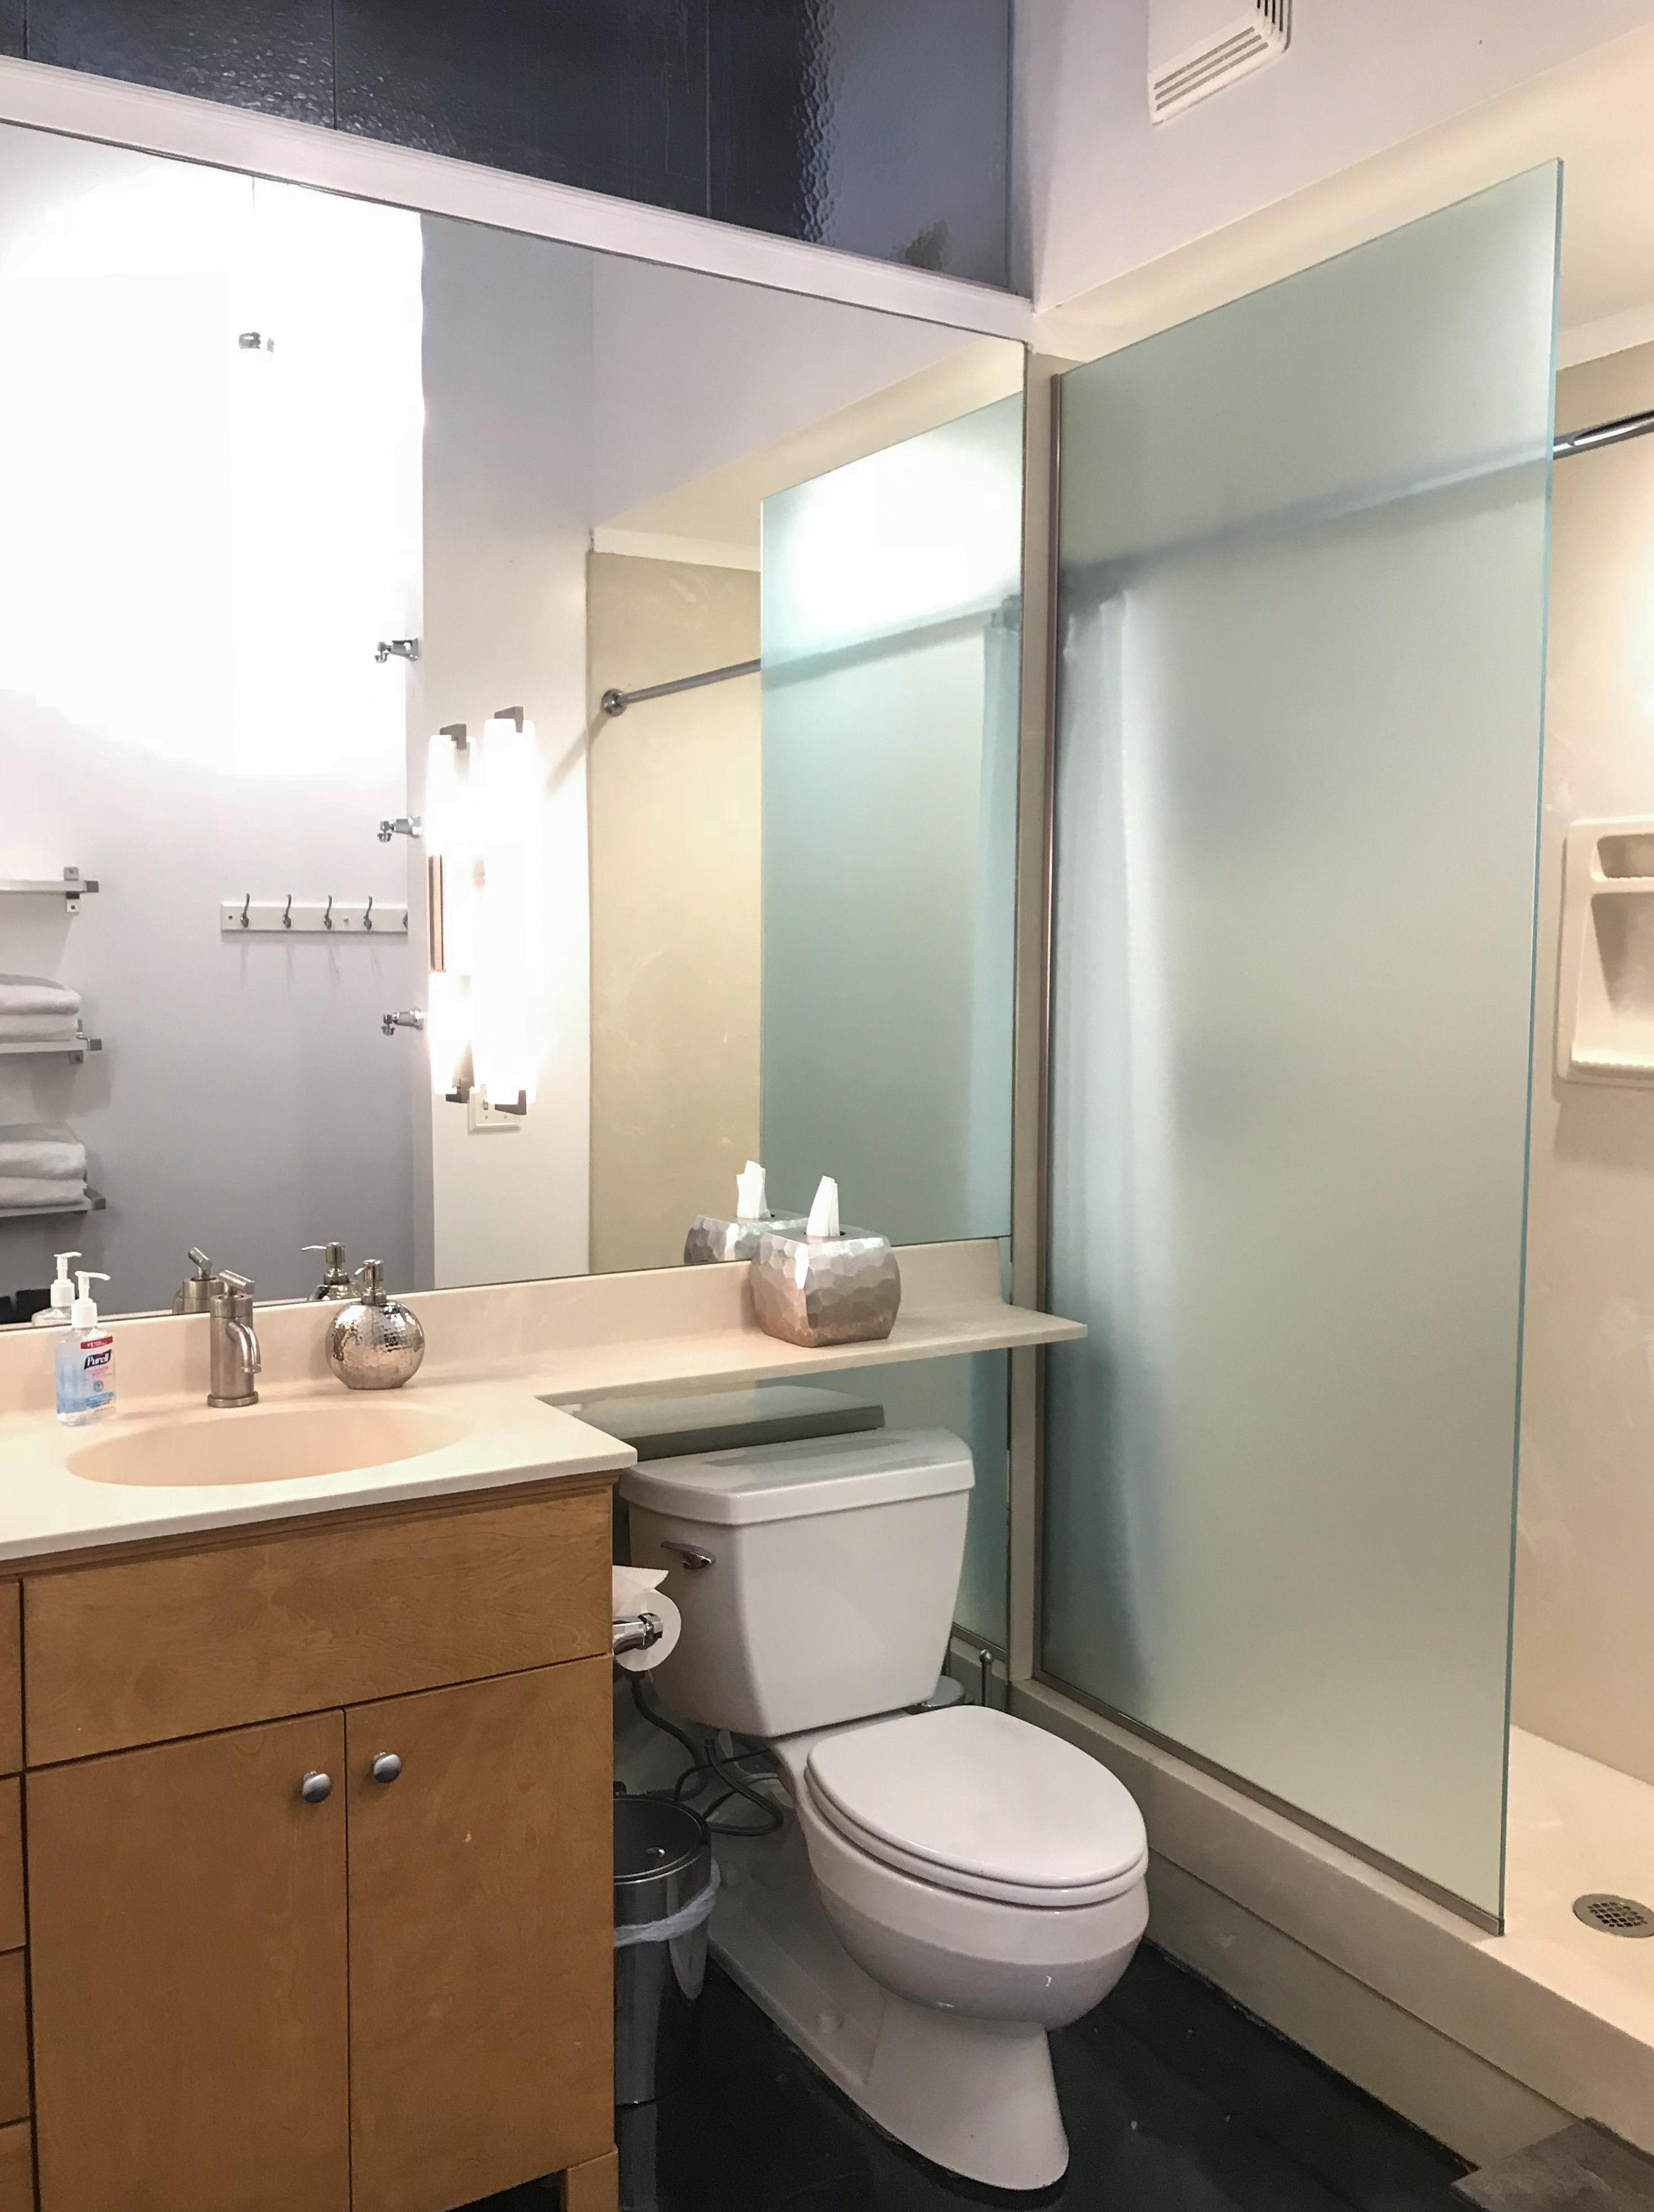 Loft Reverie Hotel 803 + Bath + Sink + Toilet + Shower + Soaps + Towlels